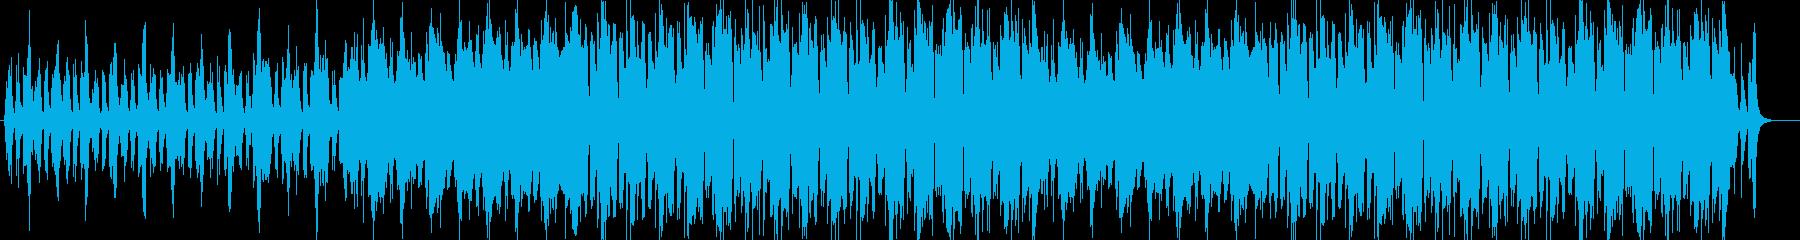 神秘的で緊張感のあるヴァイオリンテクノの再生済みの波形